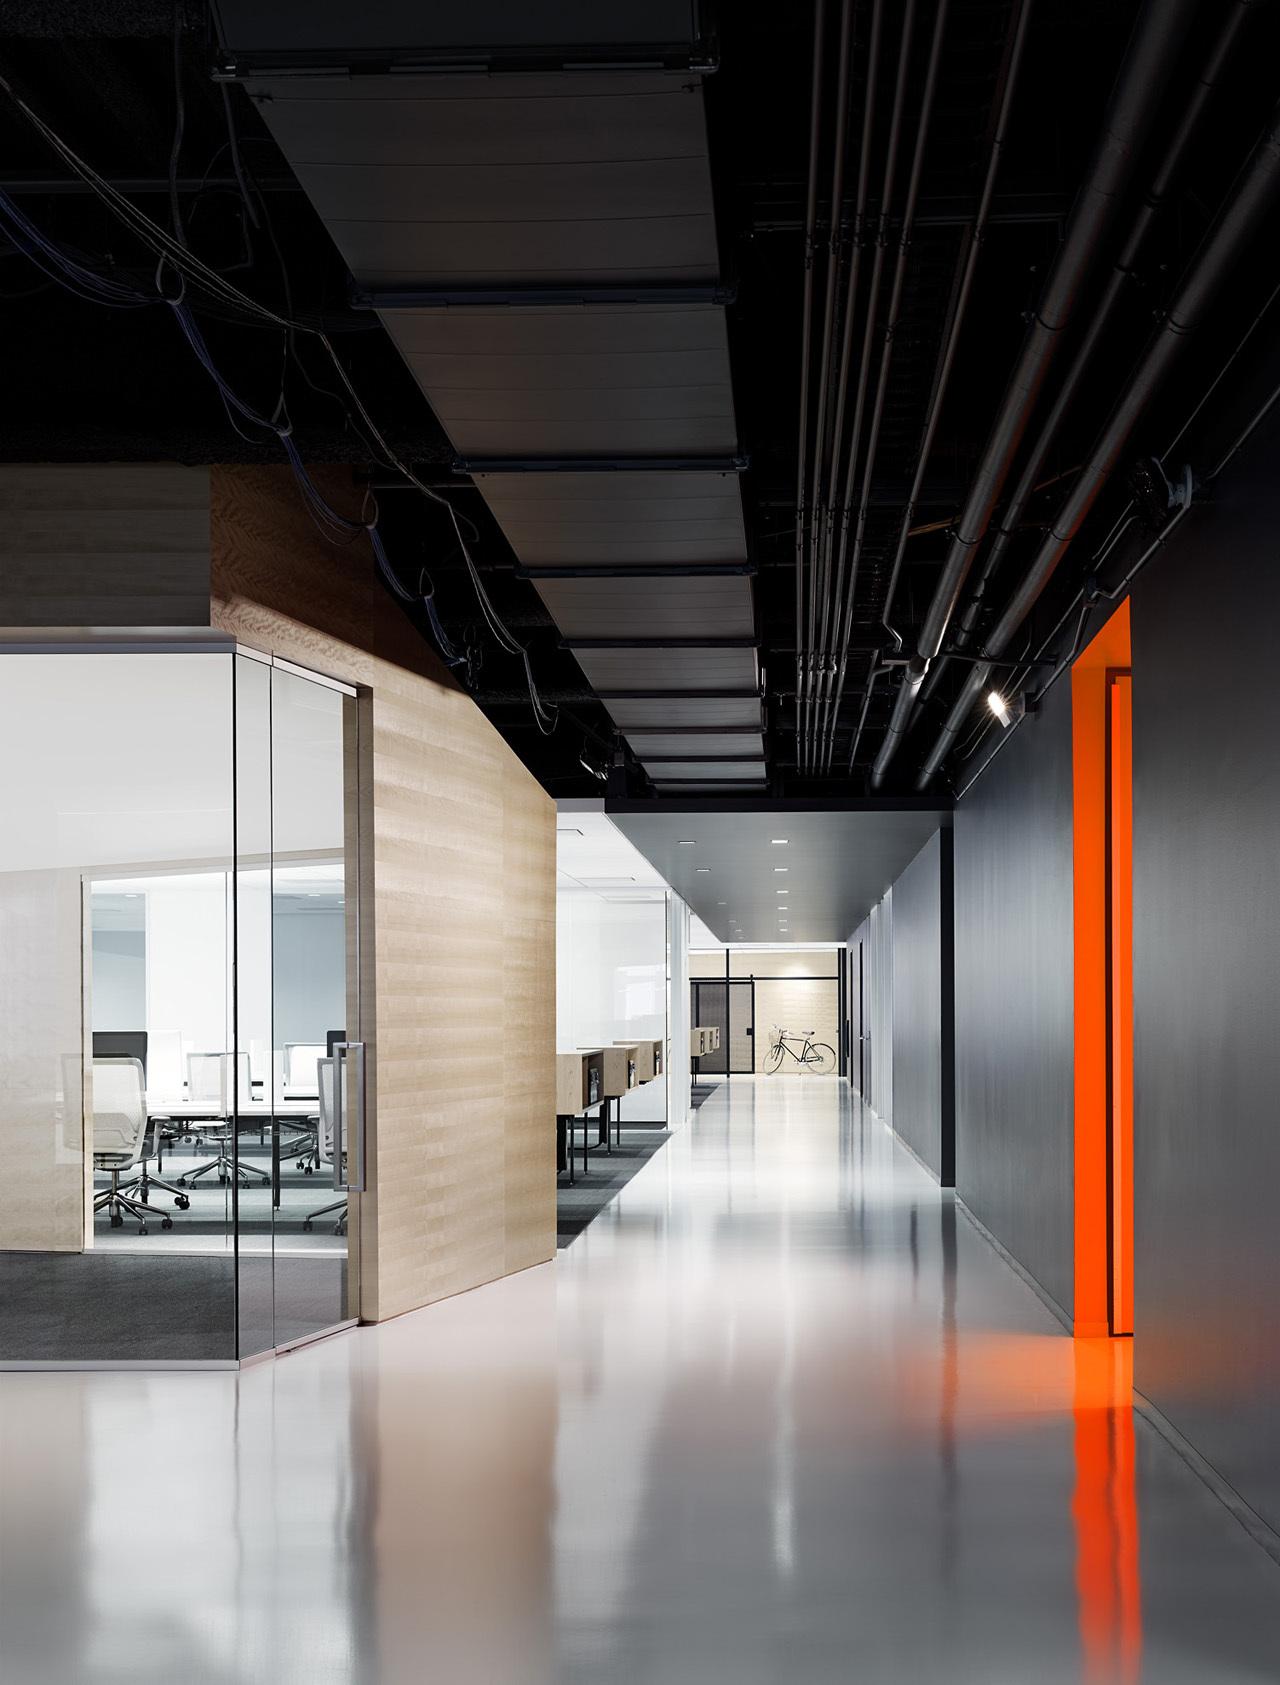 上海天波信息科技有限公司走廊办公室装修案例